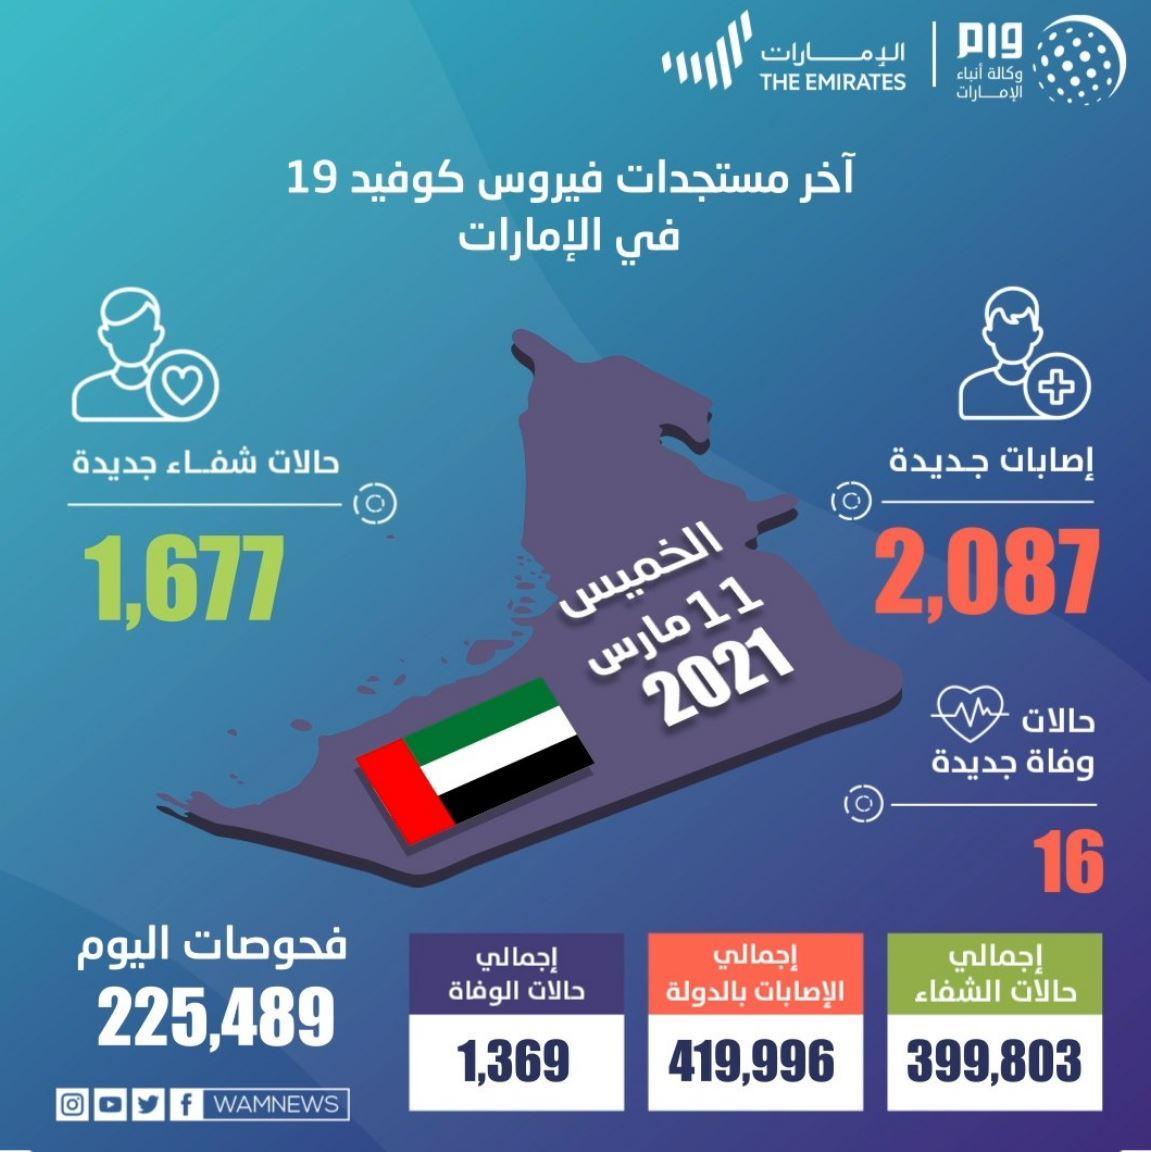 وزارة الصحة في الإمارات تجري 225,489 فحصاً ضمن خططها لتوسيع نطاق الفحوصات